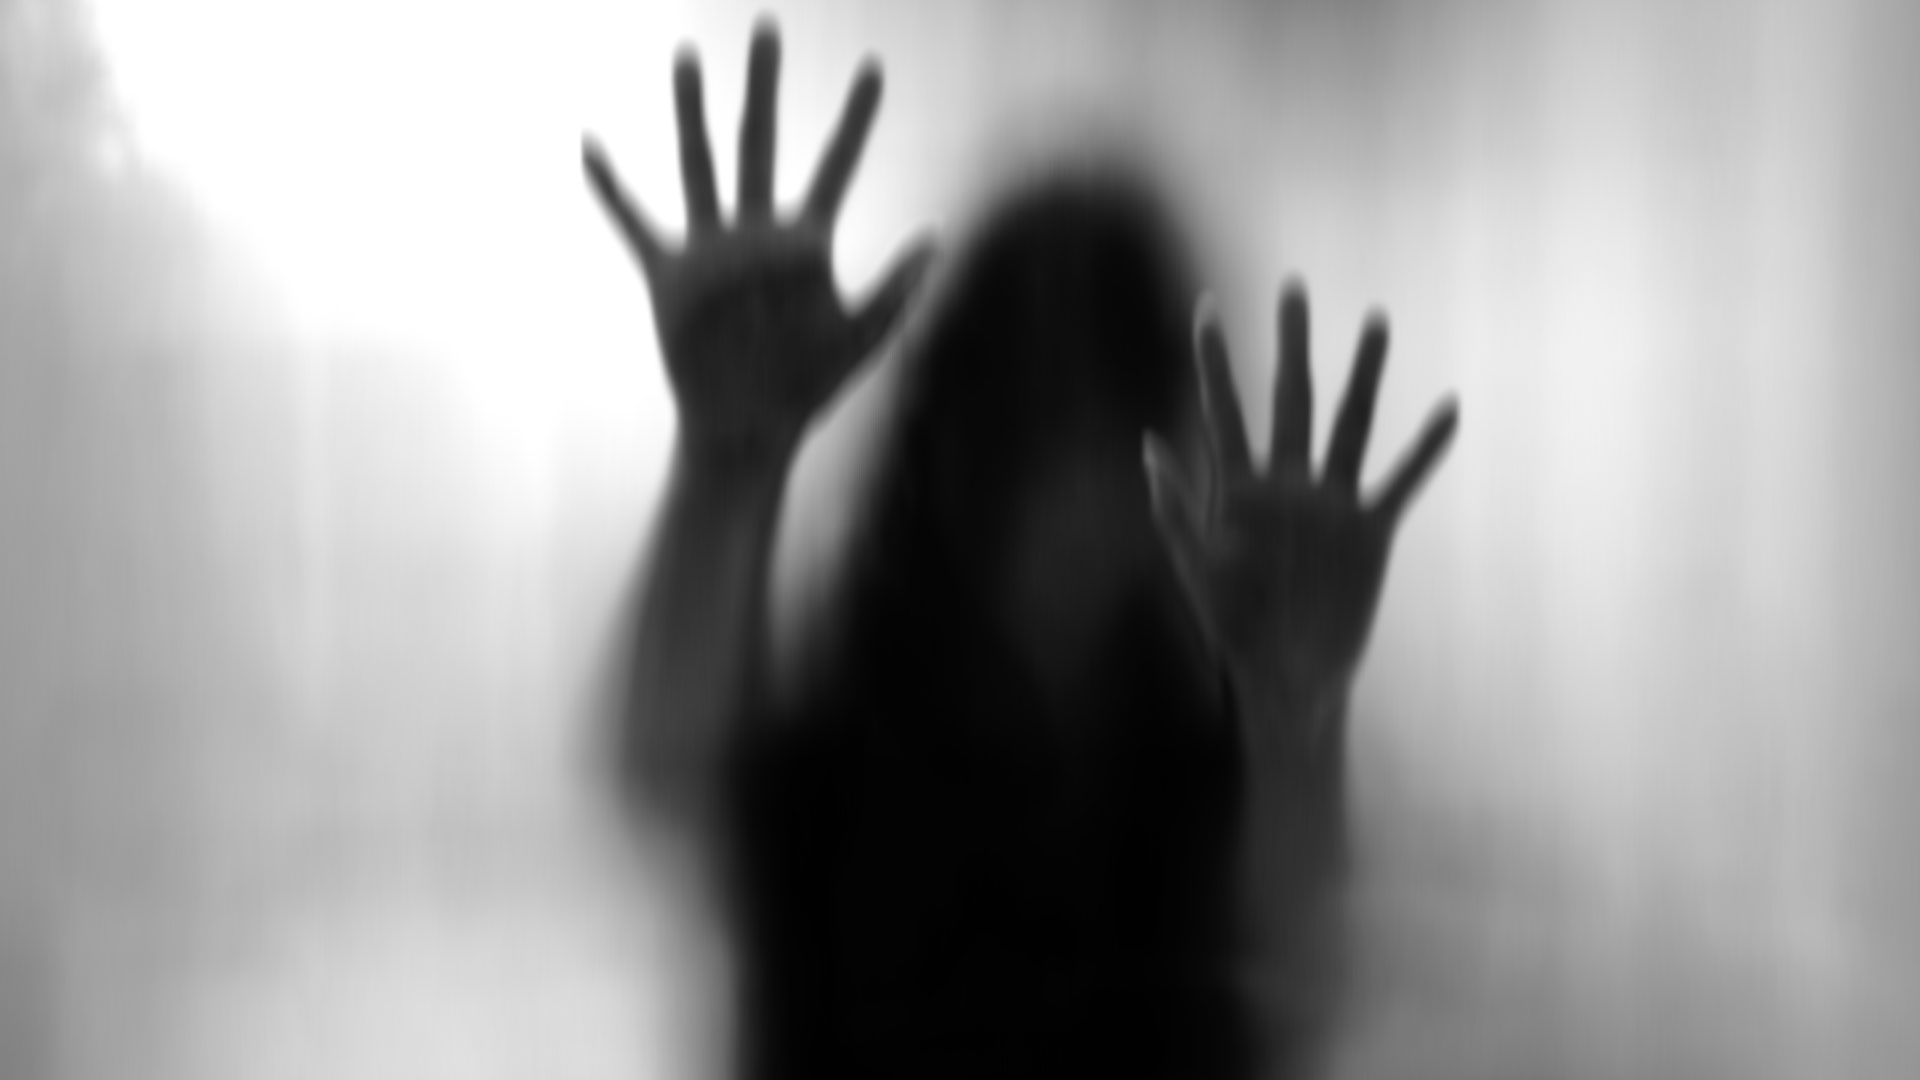 La pesadilla de una niña víctima de abuso para abortar en Jalisco